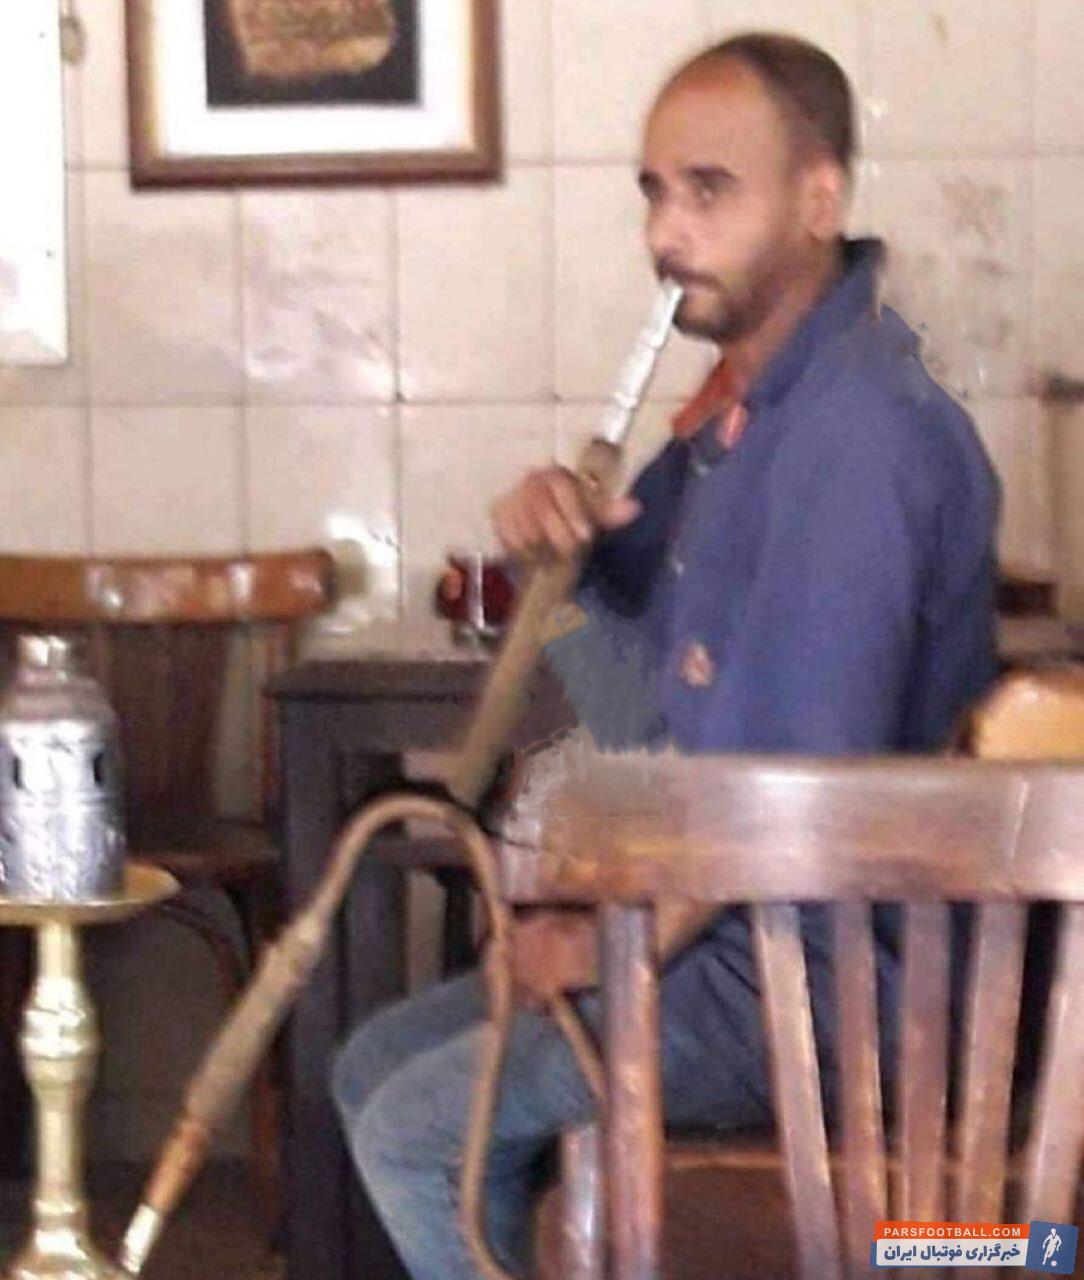 تصویری جالب از بدل ایرانی گواردیولا در حال قلیان کشیدن